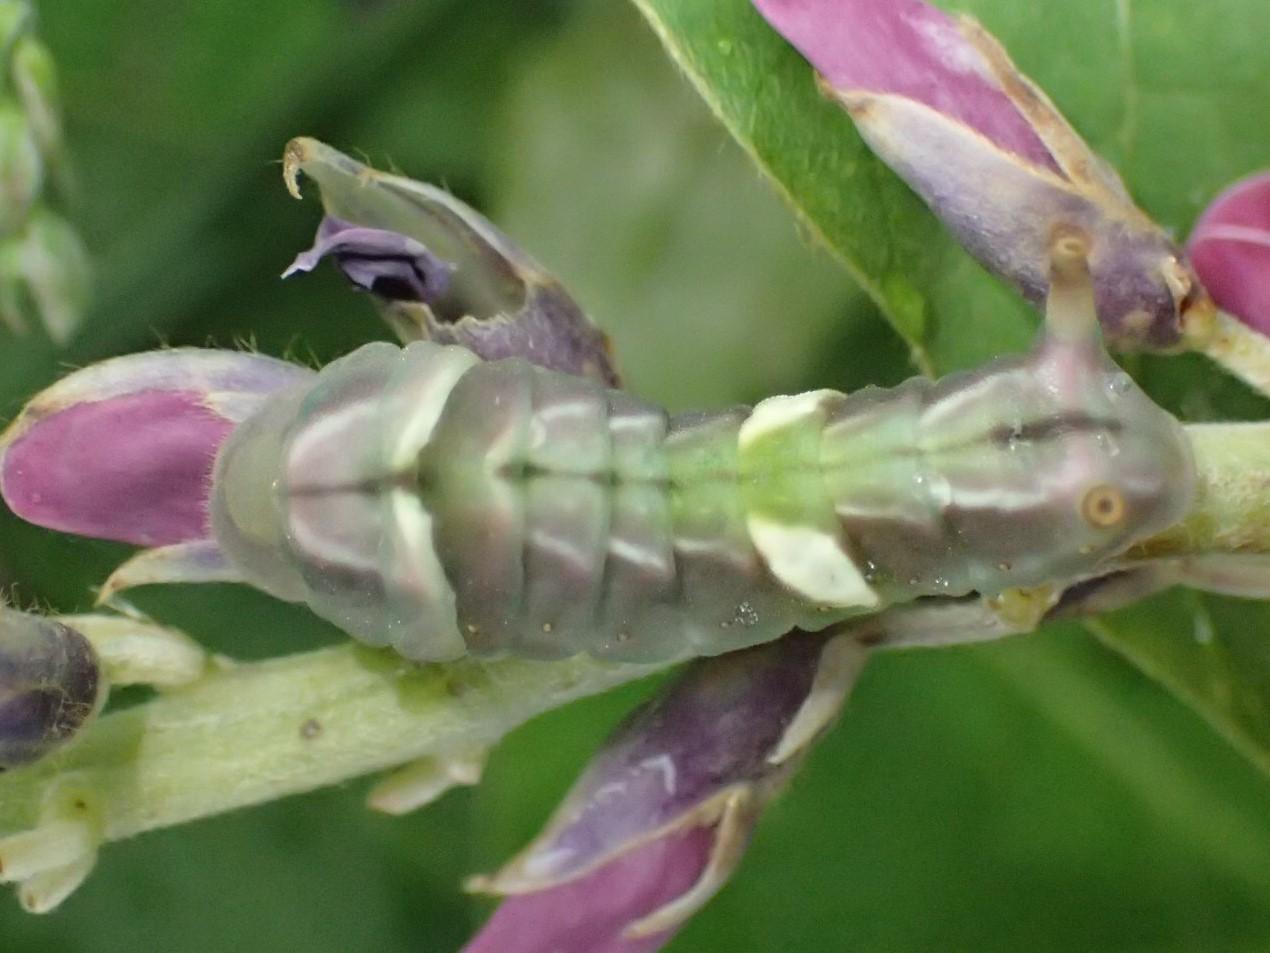 ウラギンシジミの幼虫 Curetis acuta_c0208989_20054625.jpg